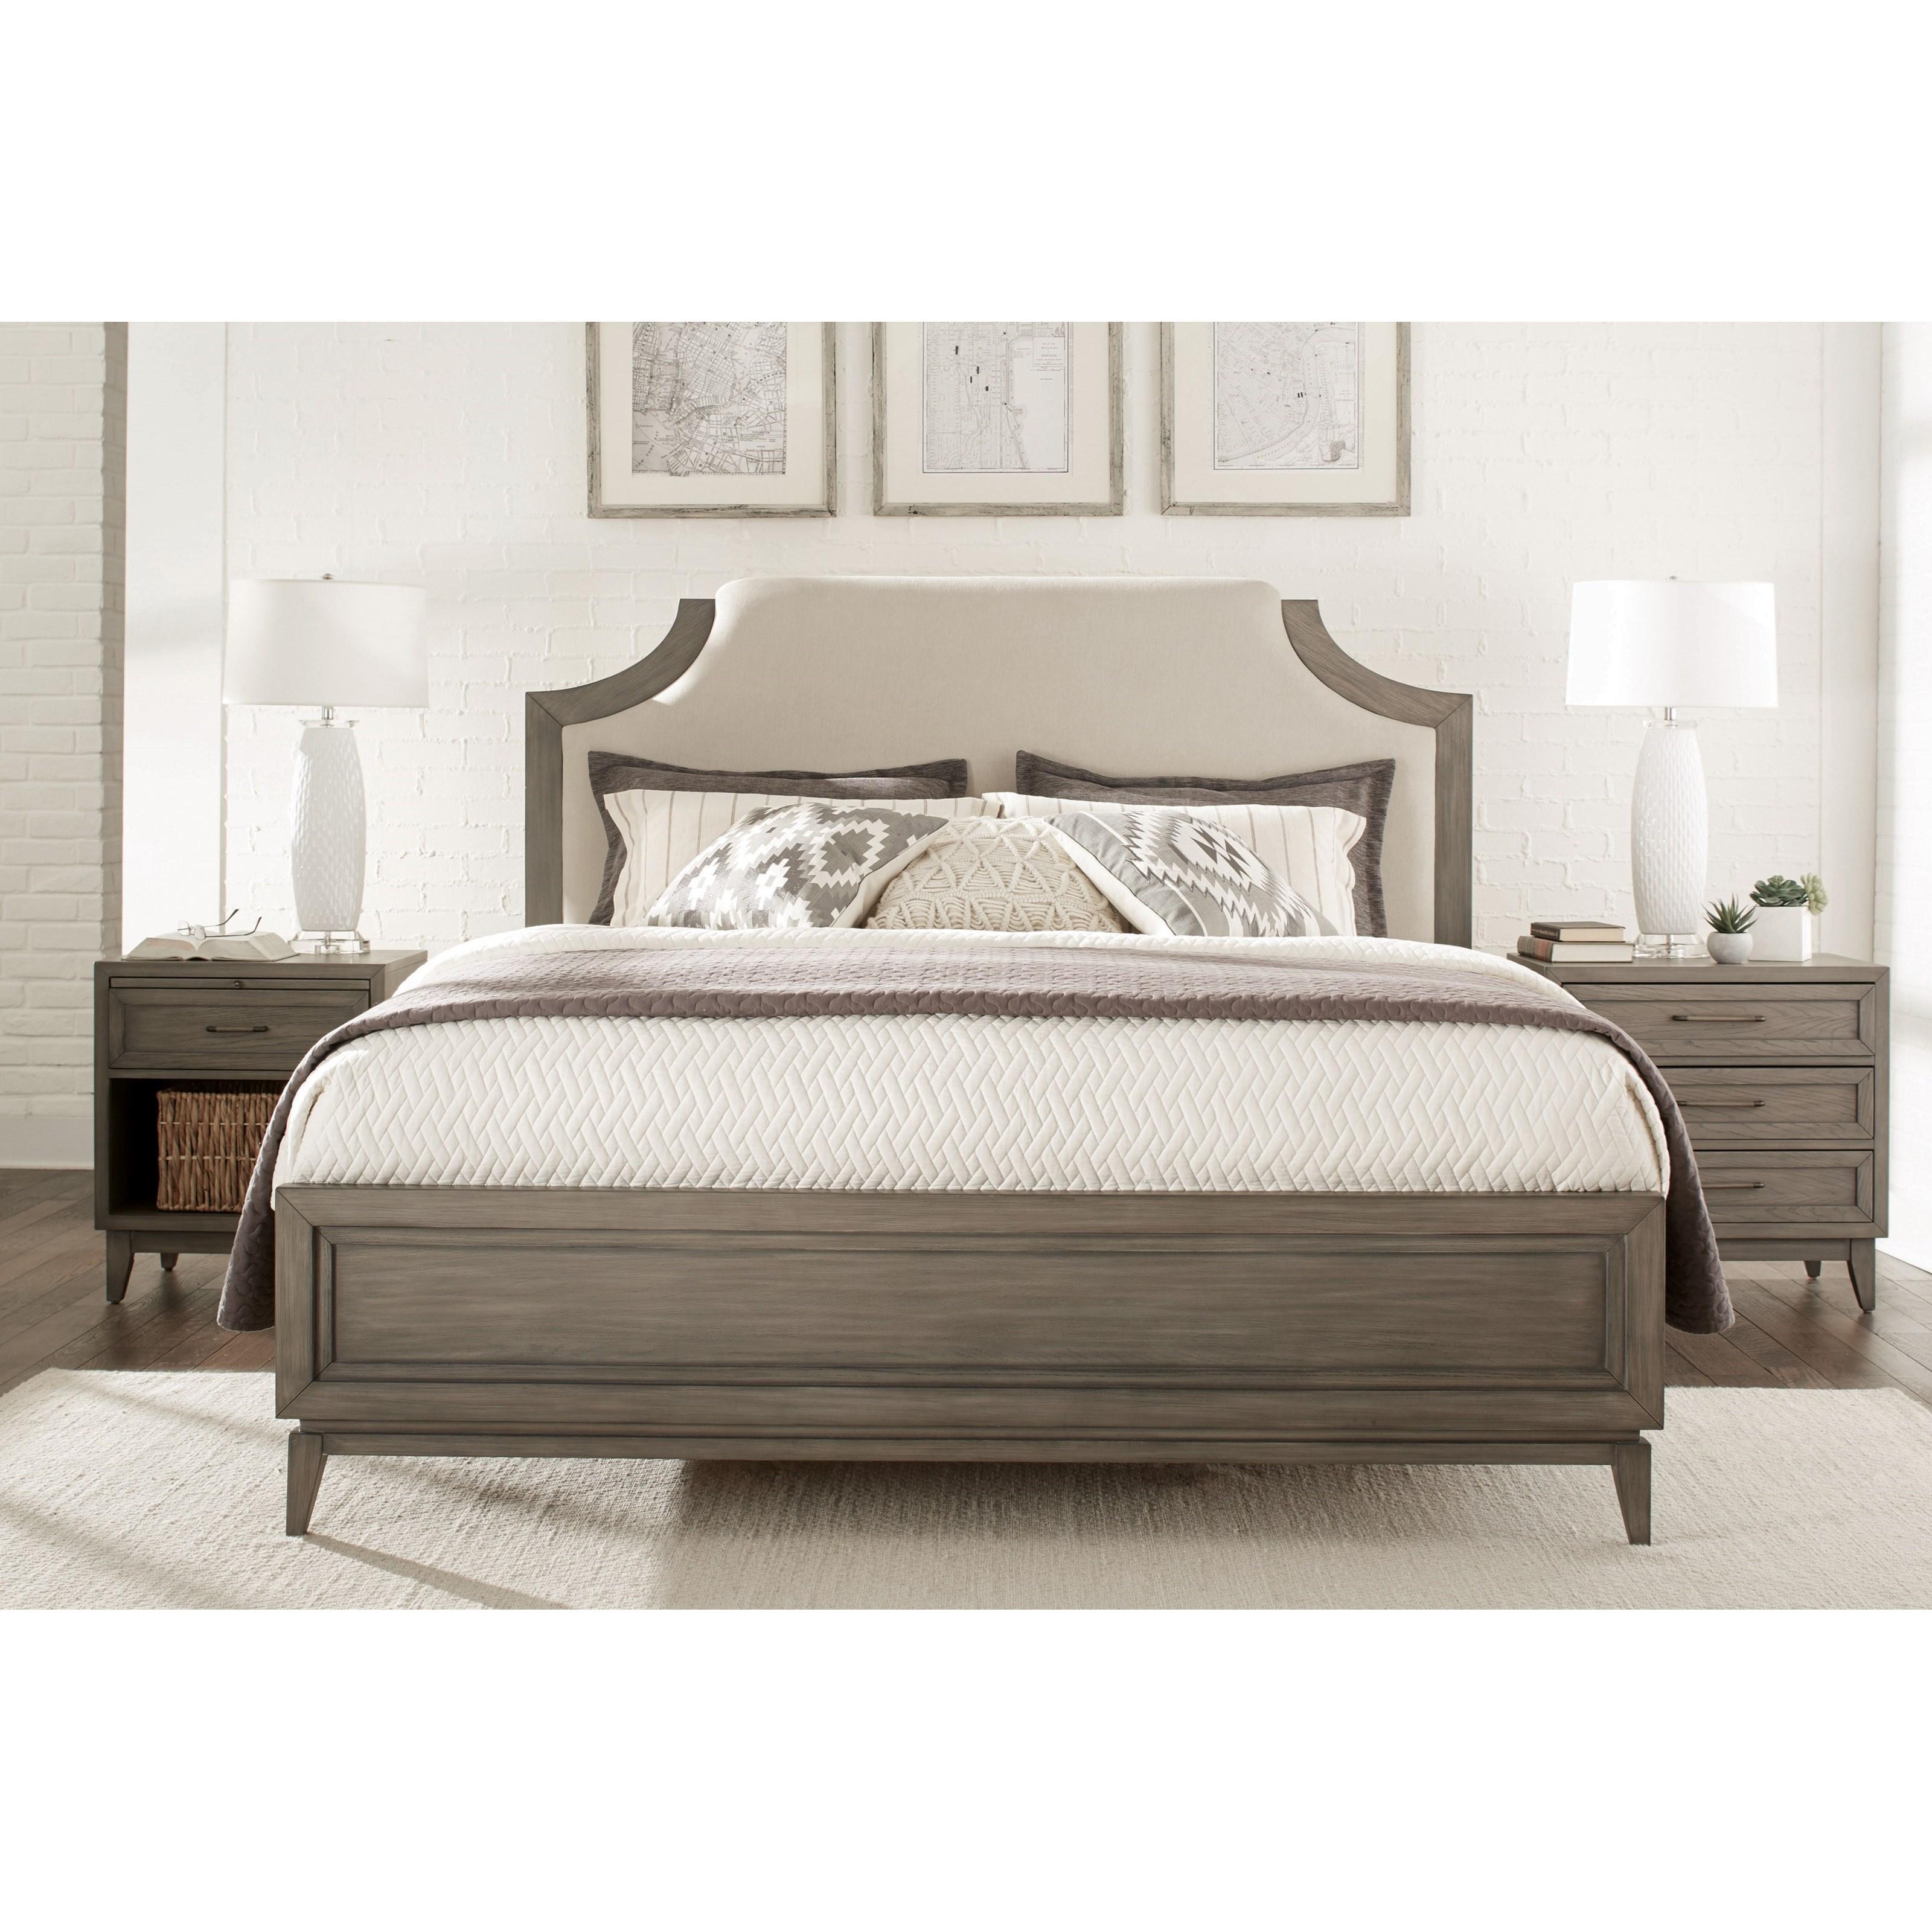 Bedroom Furniture Manufacturer: Riverside Furniture Vogue King Bedroom Group 3